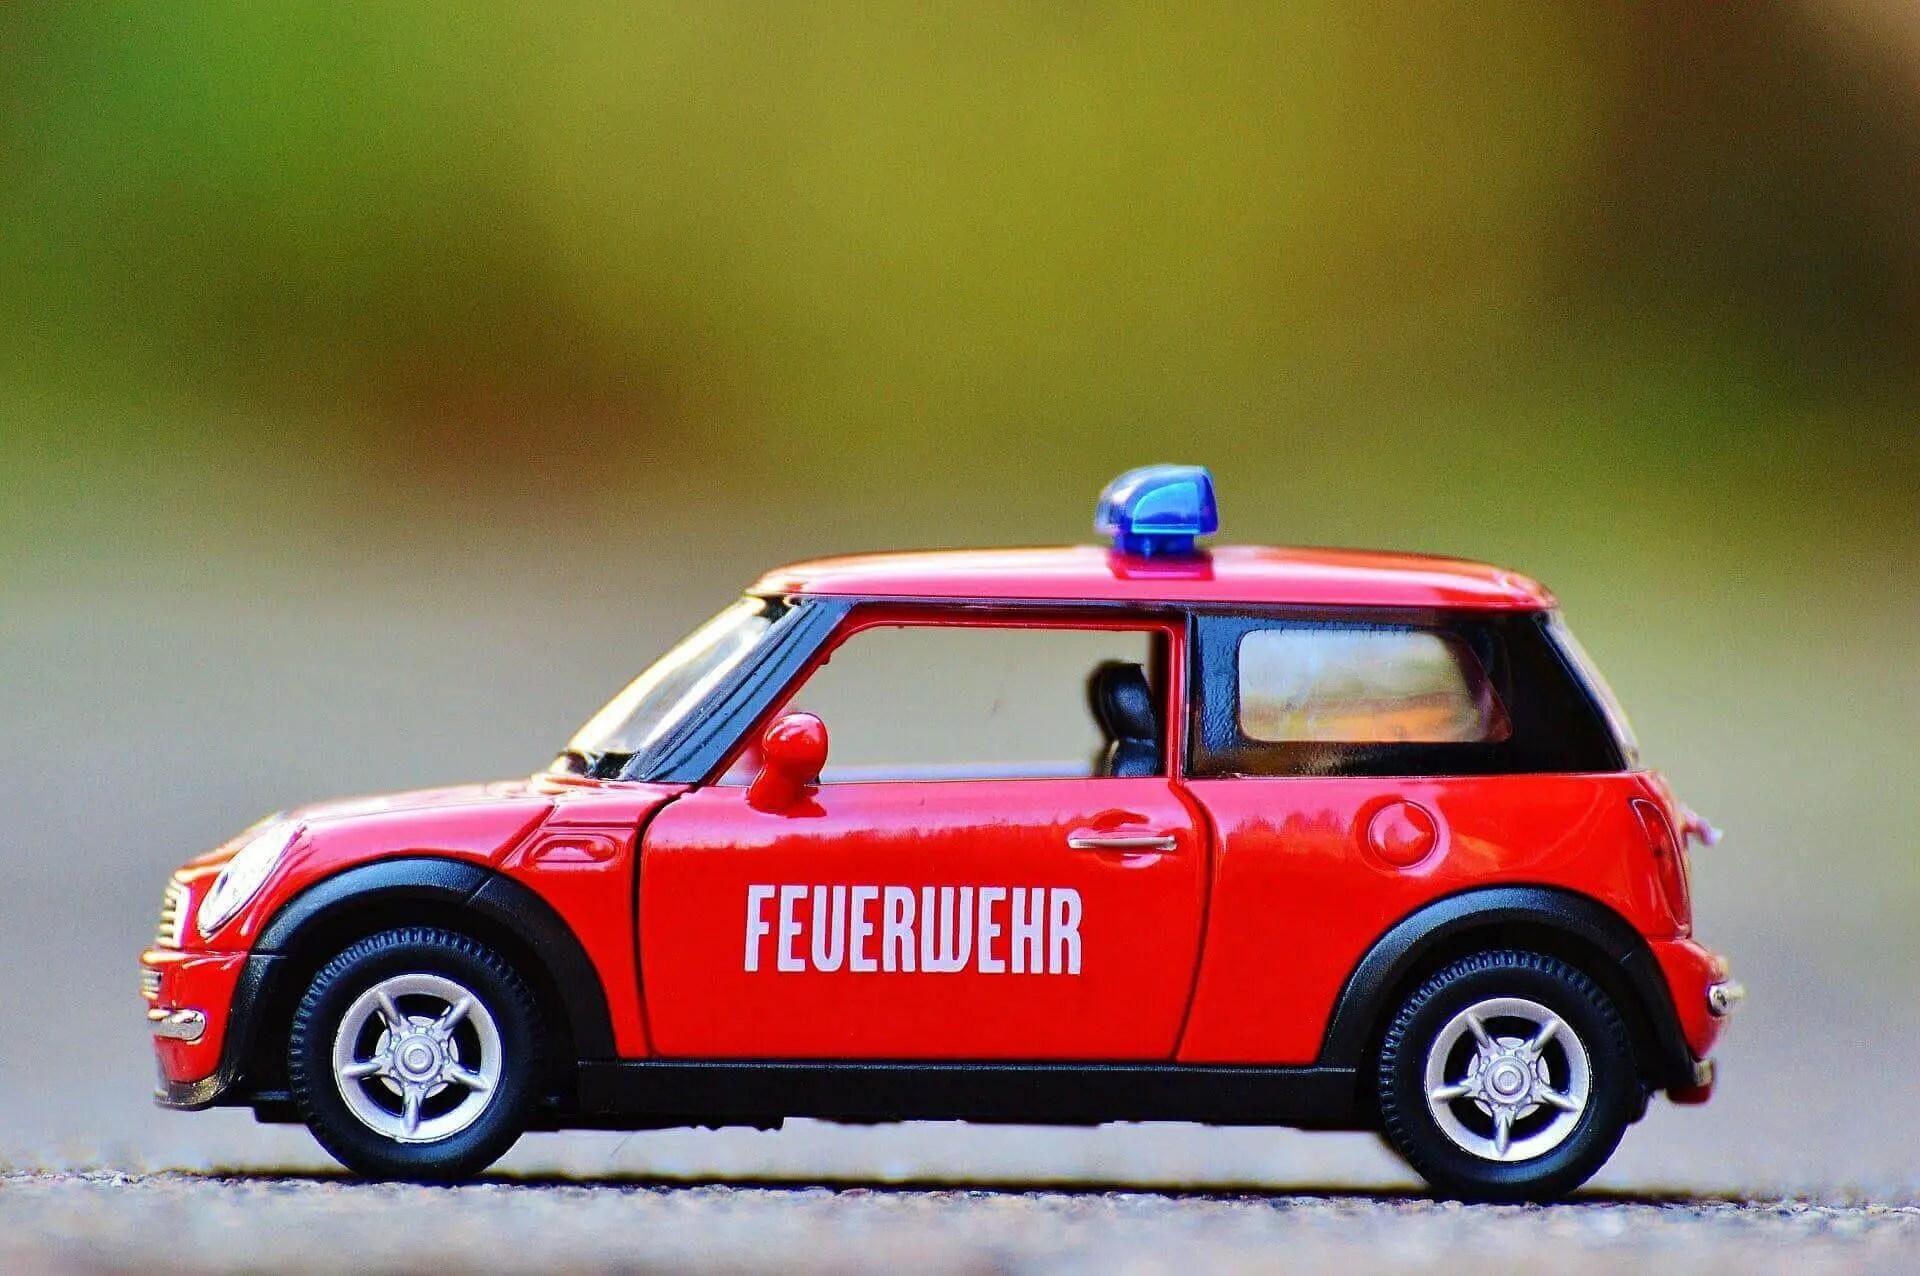 Spielzeug-Feuerwehrauto